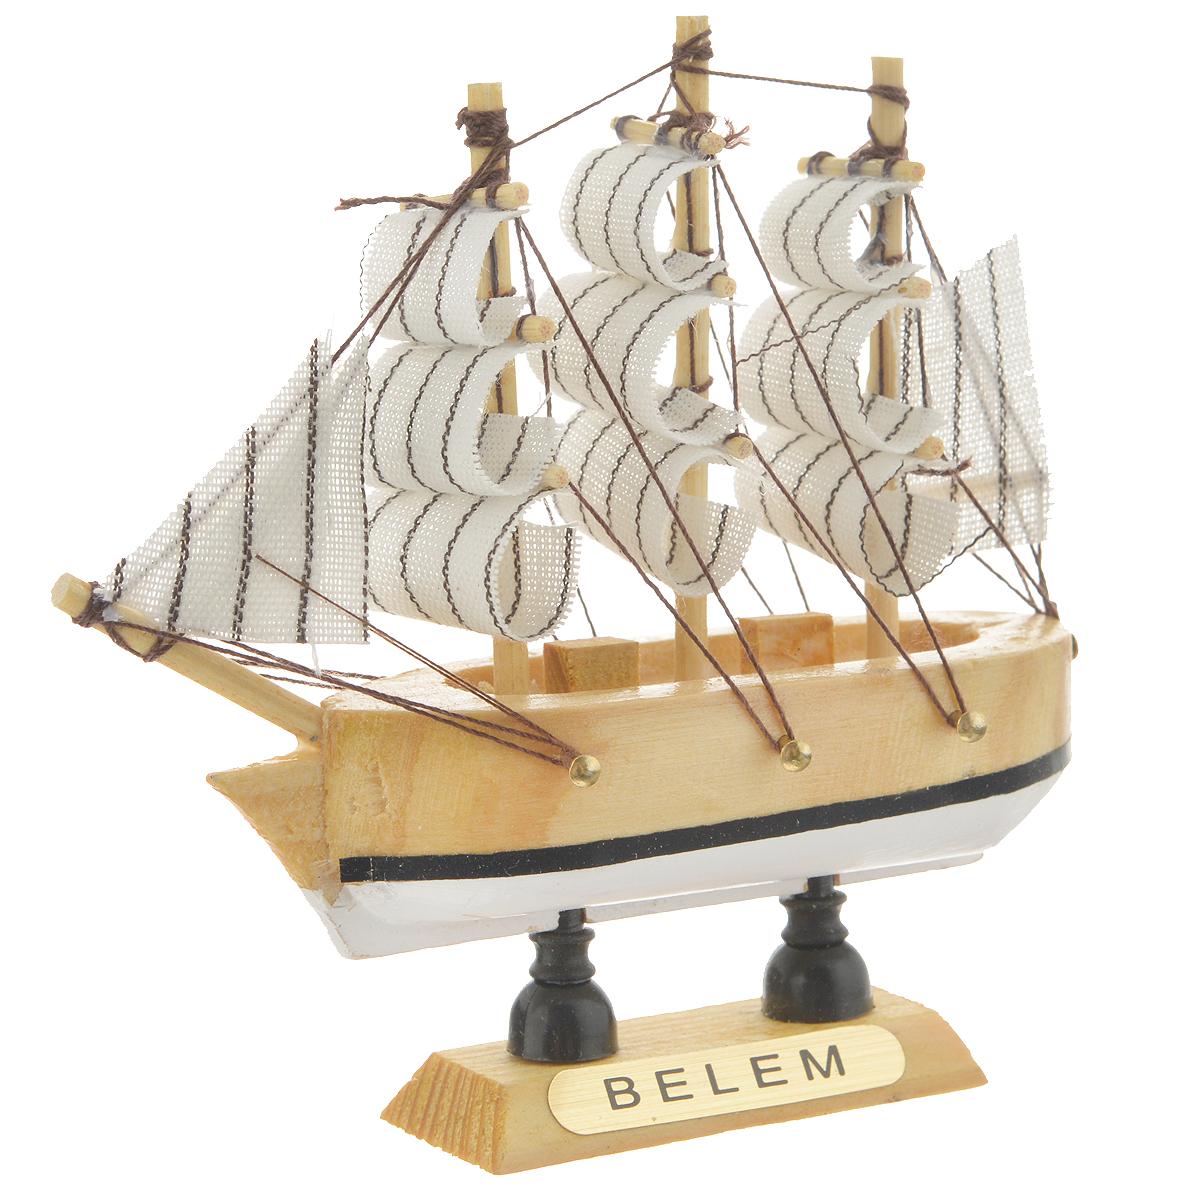 Корабль сувенирный Belem, длина 10 см12723Сувенирный корабль Belem, изготовленный из дерева и текстиля, это великолепный элемент декора рабочей зоны в офисе или кабинете. Корабль с парусами помещен на деревянную подставку. Время идет, и мы становимся свидетелями развития технического прогресса, новых учений и практик. Но одно не подвластно времени - это любовь человека к морю и кораблям. Сувенирный корабль наполнен историей и силой океанских вод. Данная модель кораблика станет отличным подарком для всех любителей морей, поклонников историй о покорении океанов и неизведанных земель. Модель корабля - подарок со смыслом. Издавна на Руси считалось, что корабли приносят удачу и везение. Поэтому их изображения, фигурки и точные копии всегда присутствовали в помещениях. Удивите себя и своих близких необычным презентом.